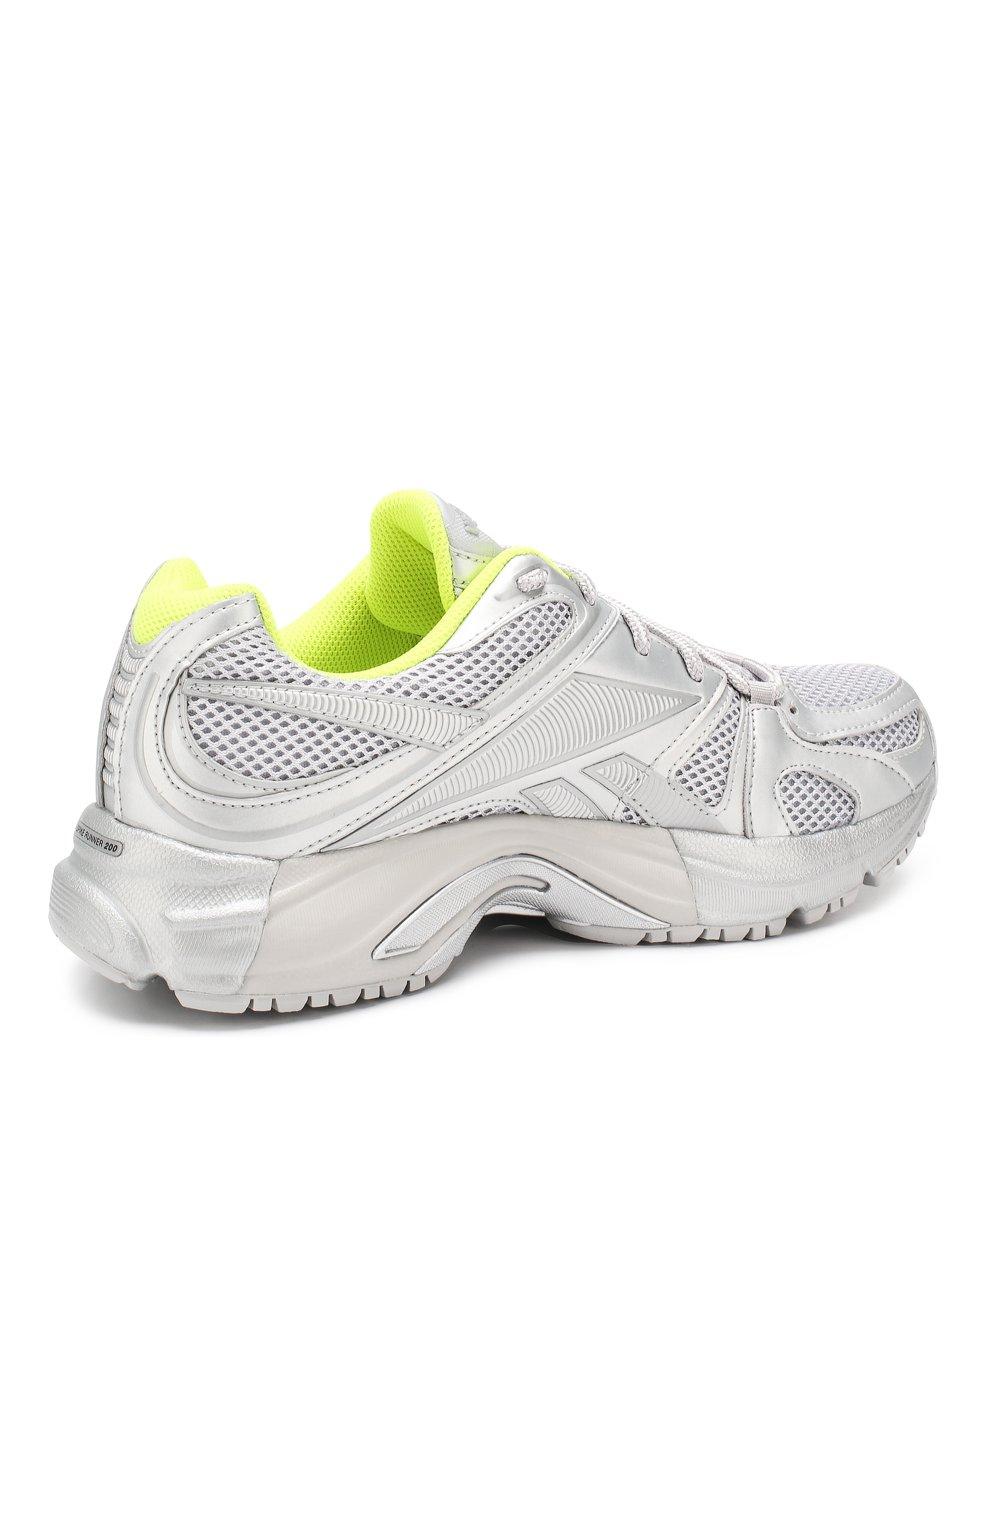 Текстильные кроссовки Vetements x Reebok Spike Runner 200 Vetements серебряные | Фото №4